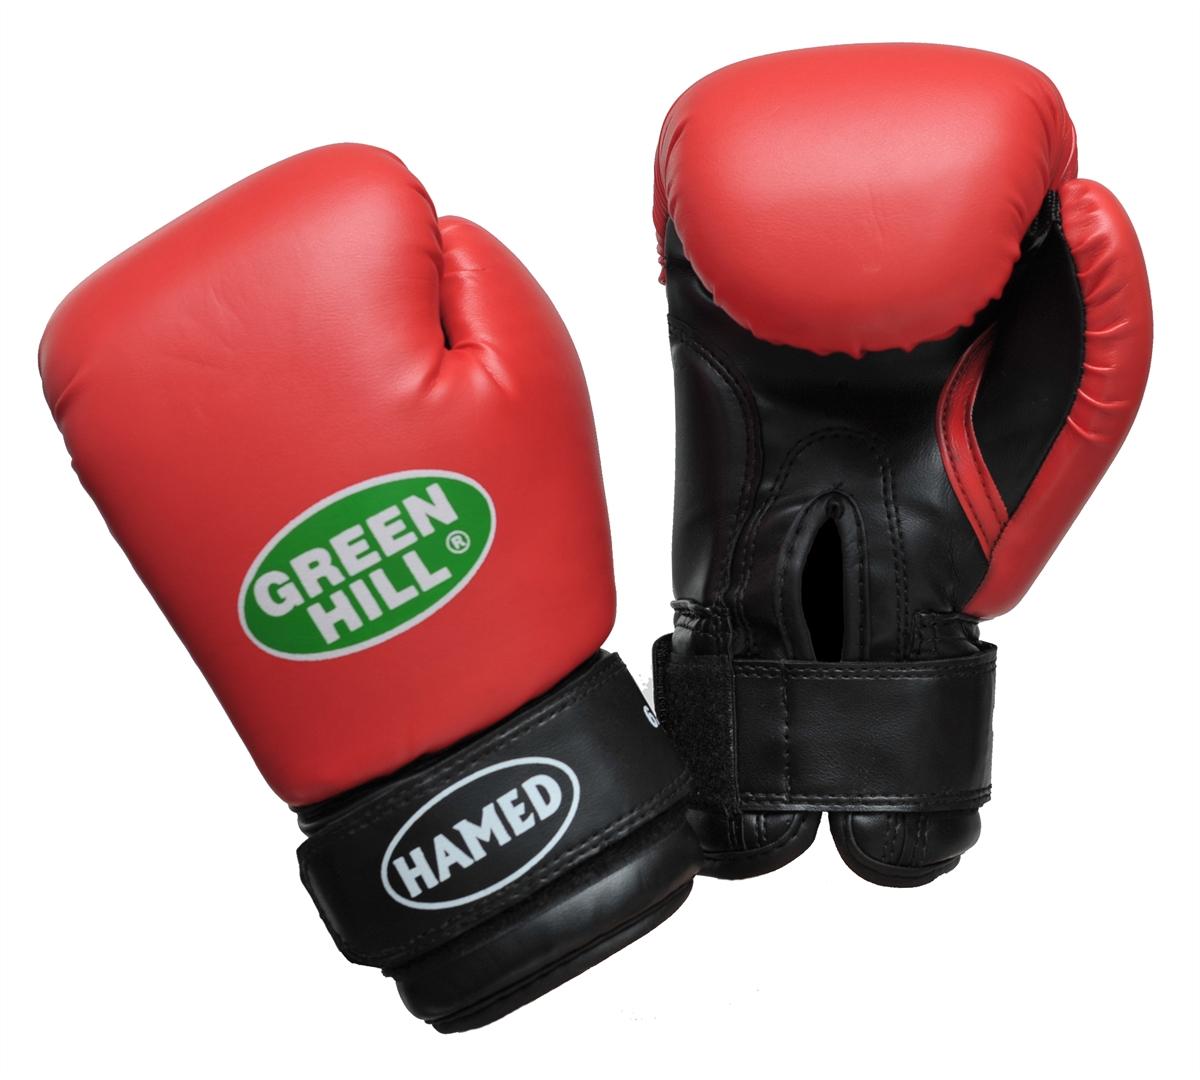 """Детские боксерские перчатки Green Hill """"Hamed"""" прекрасно подойдут для будущих чемпионов. Верх выполнен из искусственной кожи, наполнитель - из пенополиуретана. Перфорированная поверхность в области ладони позволяет создать максимально комфортный терморежим во время занятий. Широкий ремень, охватывая запястье, полностью оборачивается вокруг манжеты, благодаря чему создается дополнительная защита лучезапястного сустава от травмирования. Перчатки прекрасно сидят на руке. Застежка на липучке способствует быстрому и удобному одеванию перчаток, плотно фиксирует перчатки на руке."""